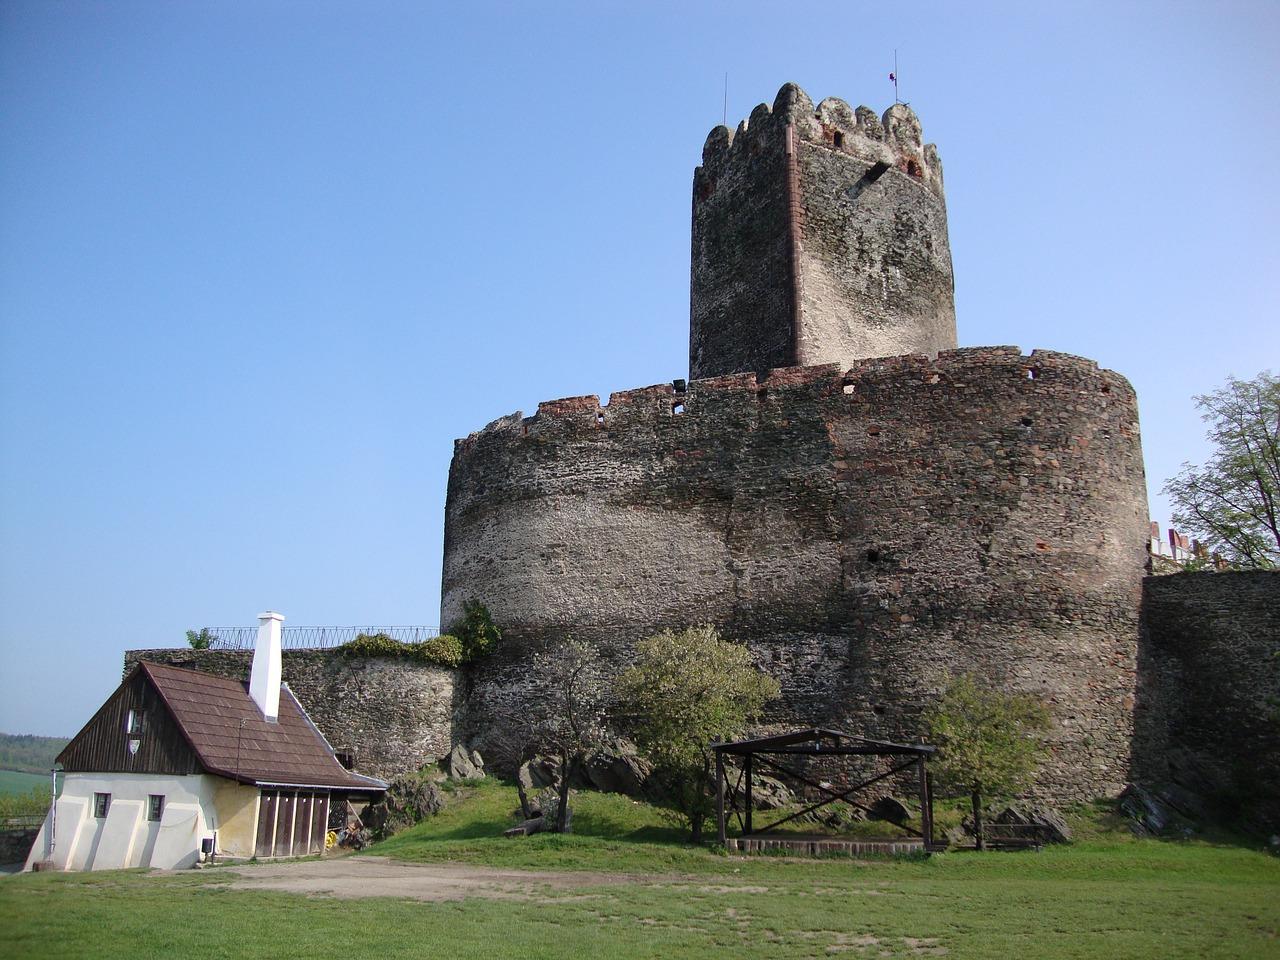 Zamek w Bolkowie: co warto o nim wiedzieć?